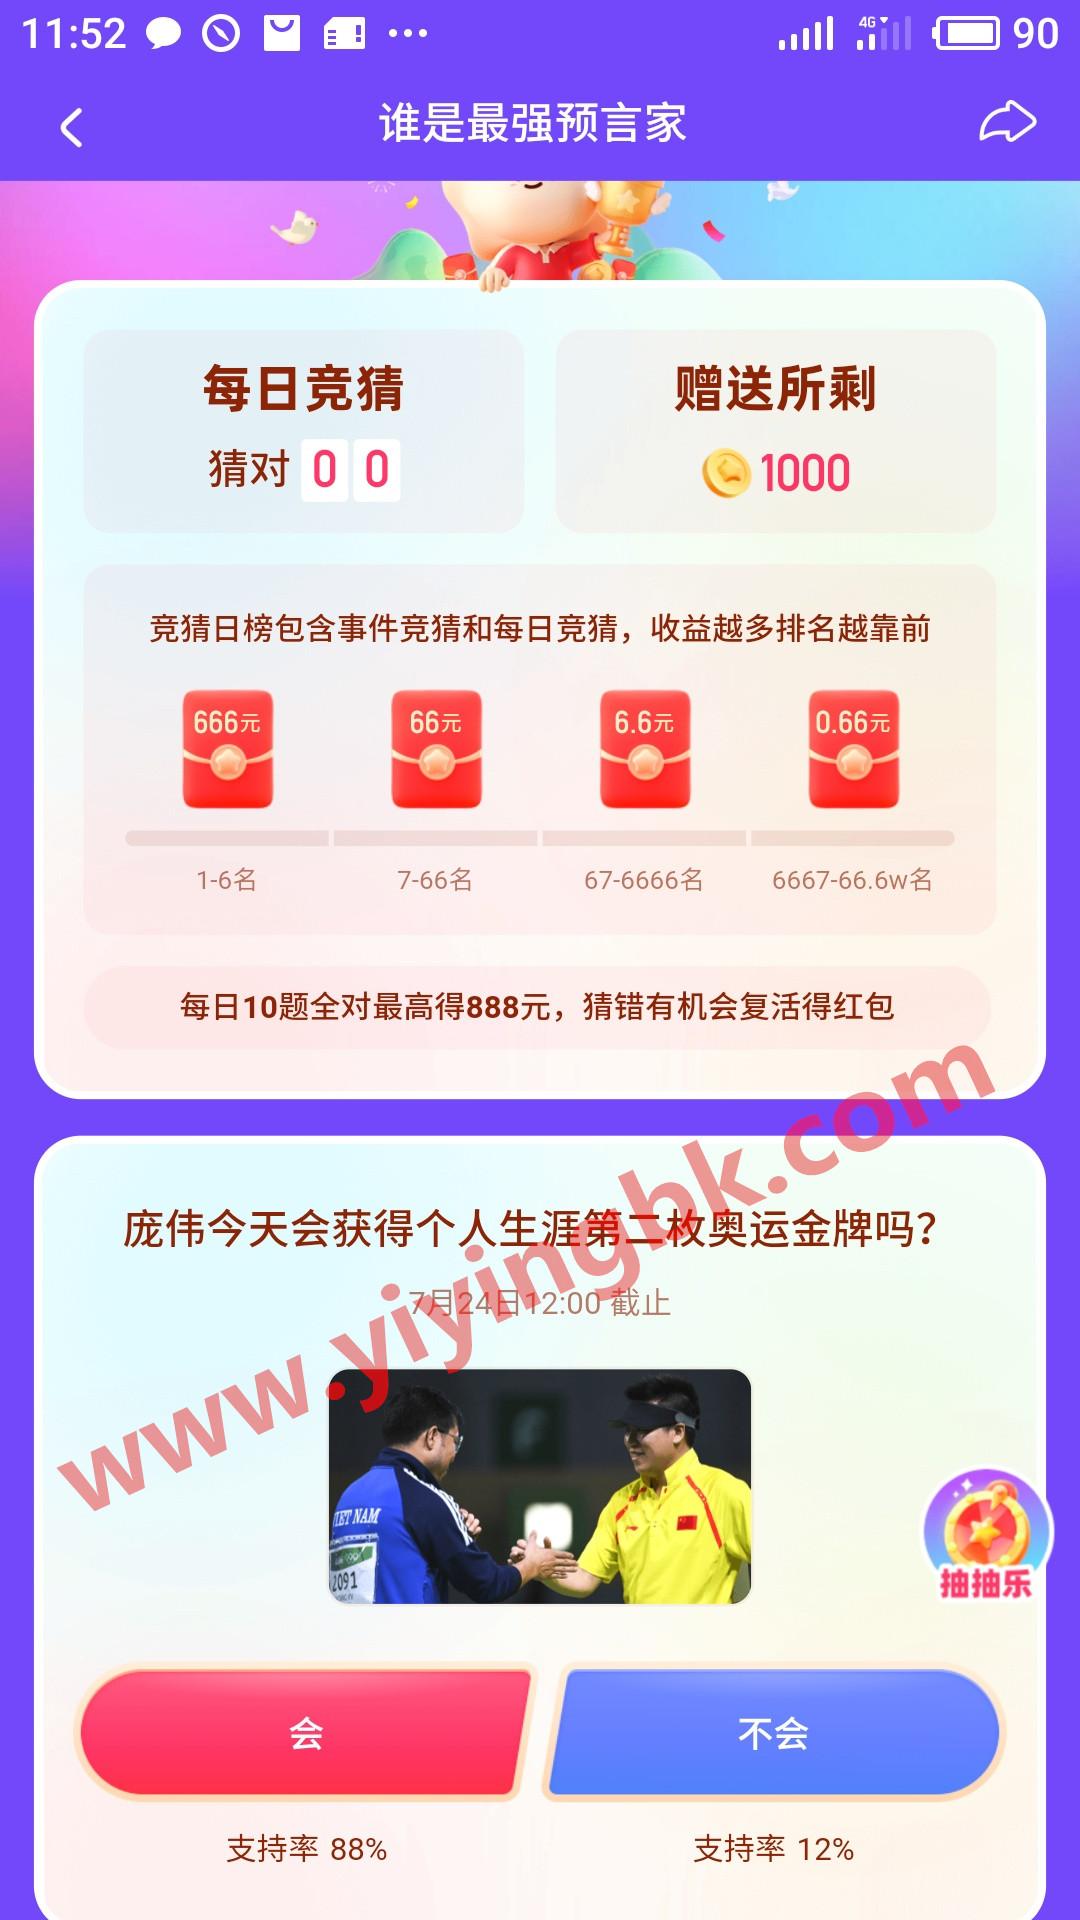 谁是最强预言家,答对10题最高得888元红包,还有666元的日榜奖励。www.yiyingbk.com